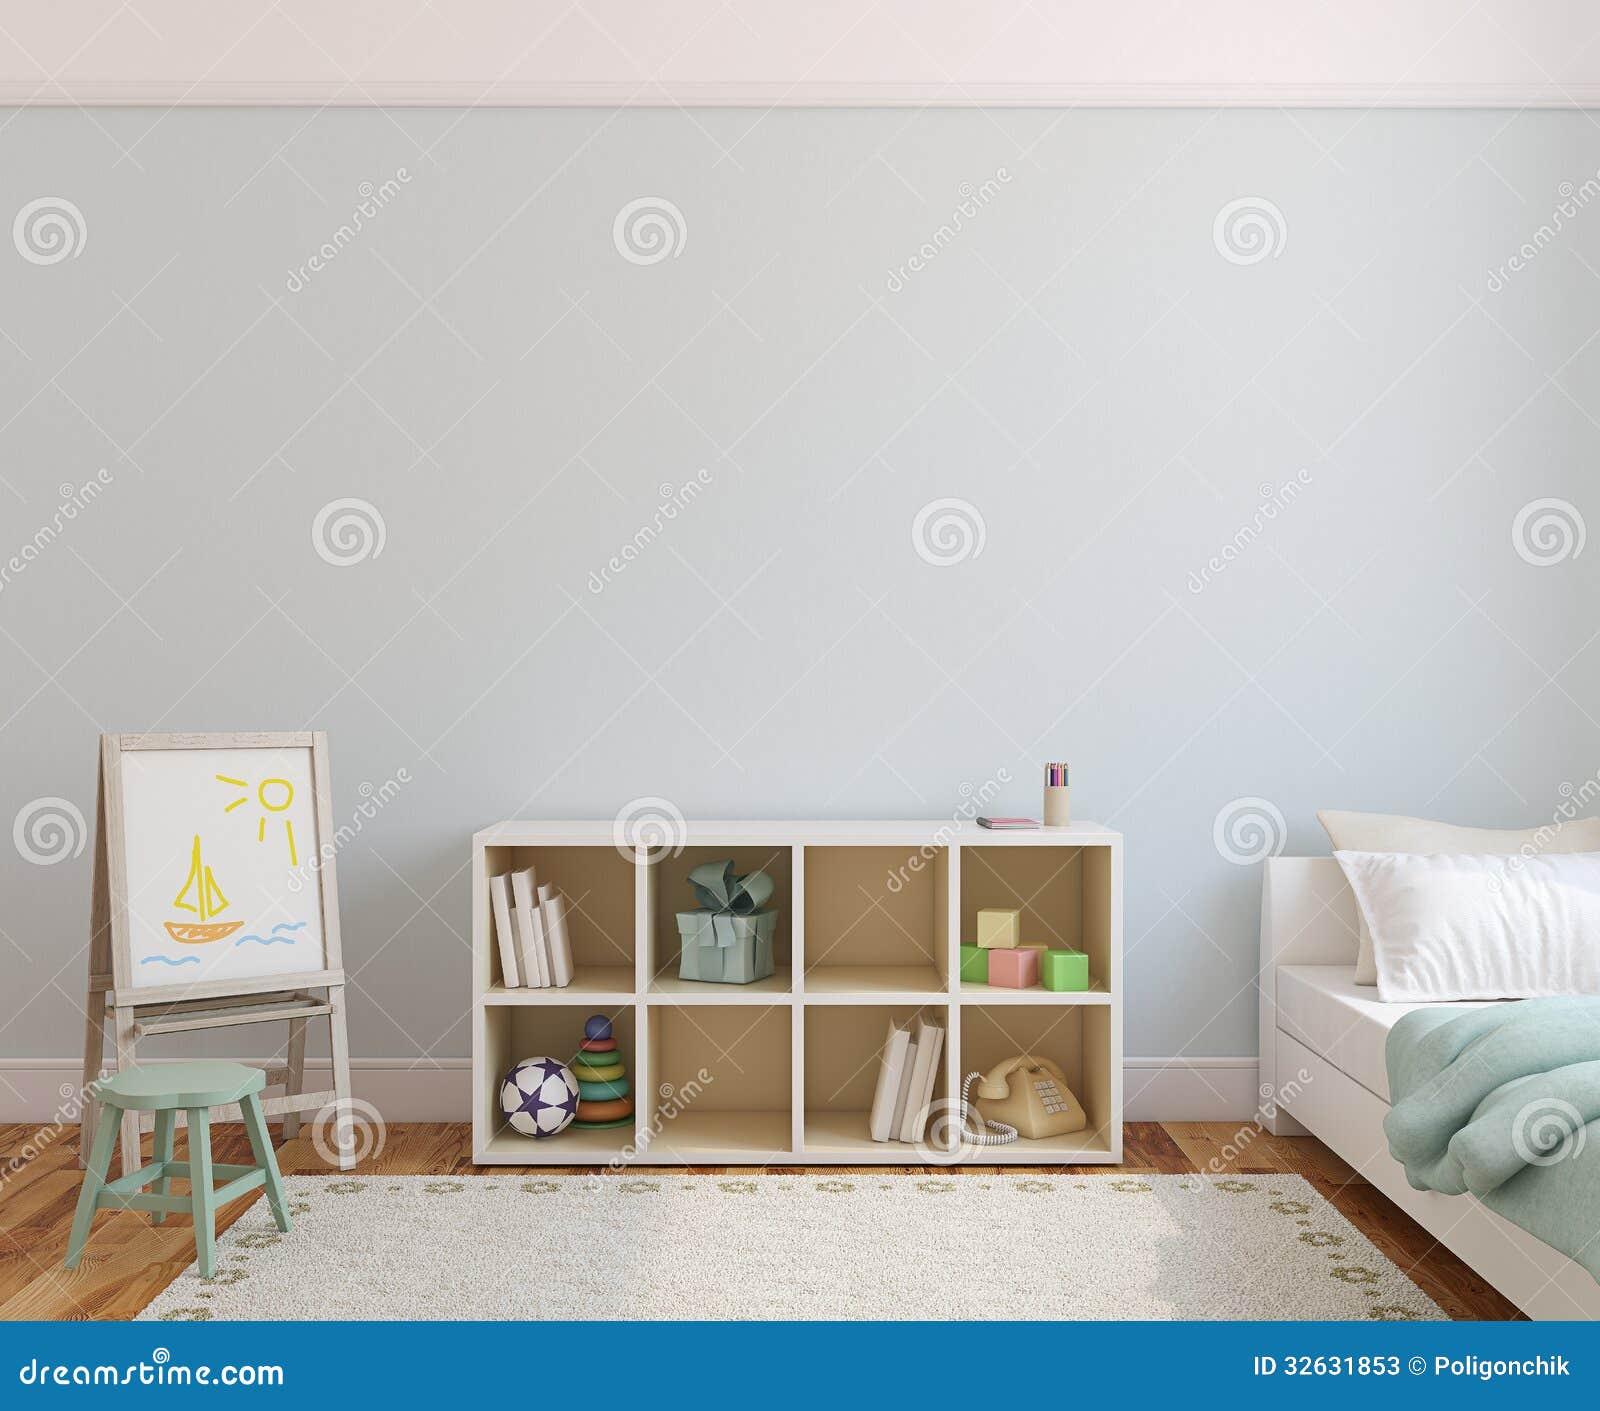 Stanza Studio In Casa interior of playroom. stock illustration. illustration of